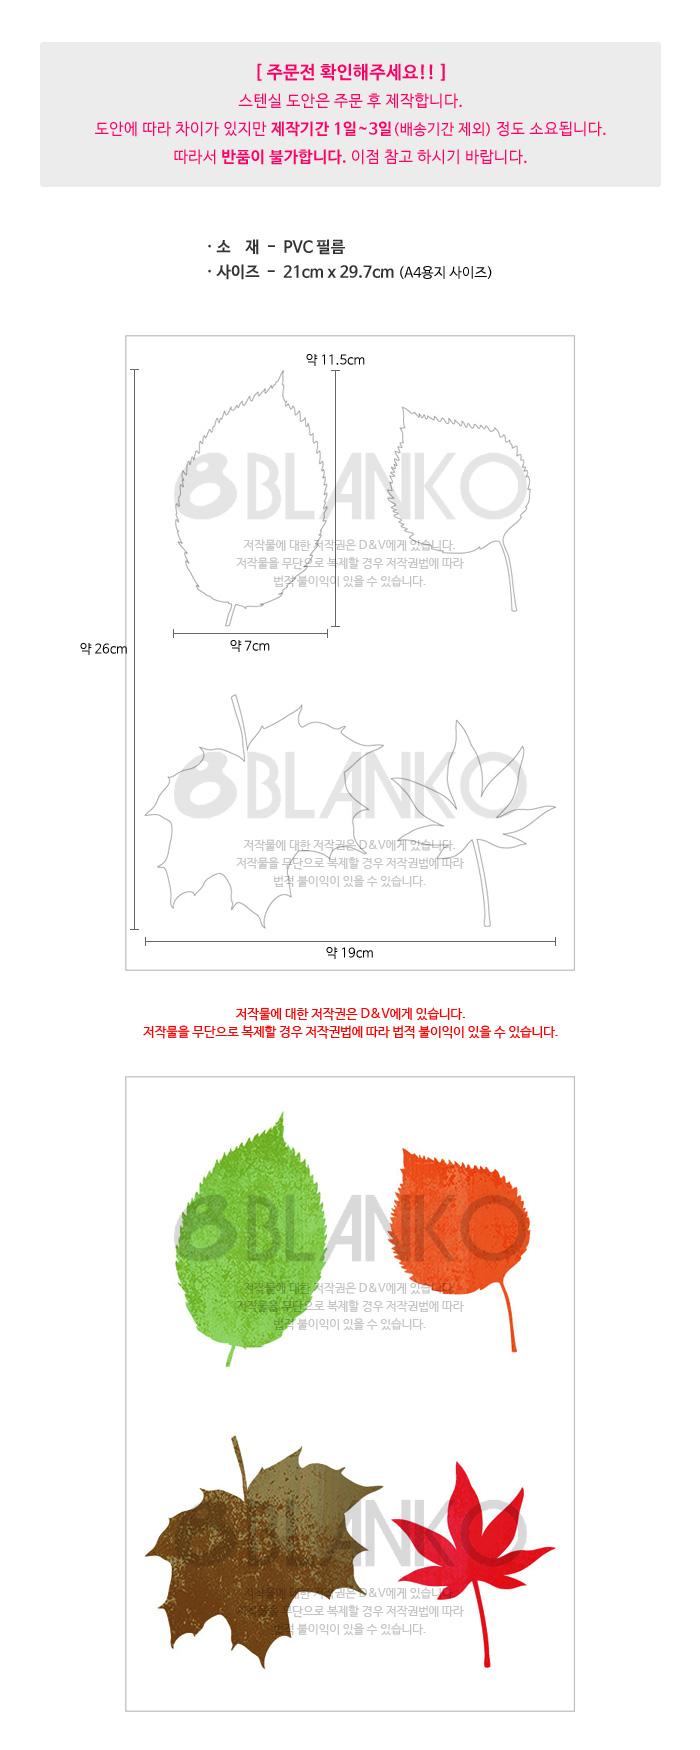 블랭코 스텐실도안700 나뭇잎모음(1) - 블랭코, 3,500원, 스텐실, 스텐실도안